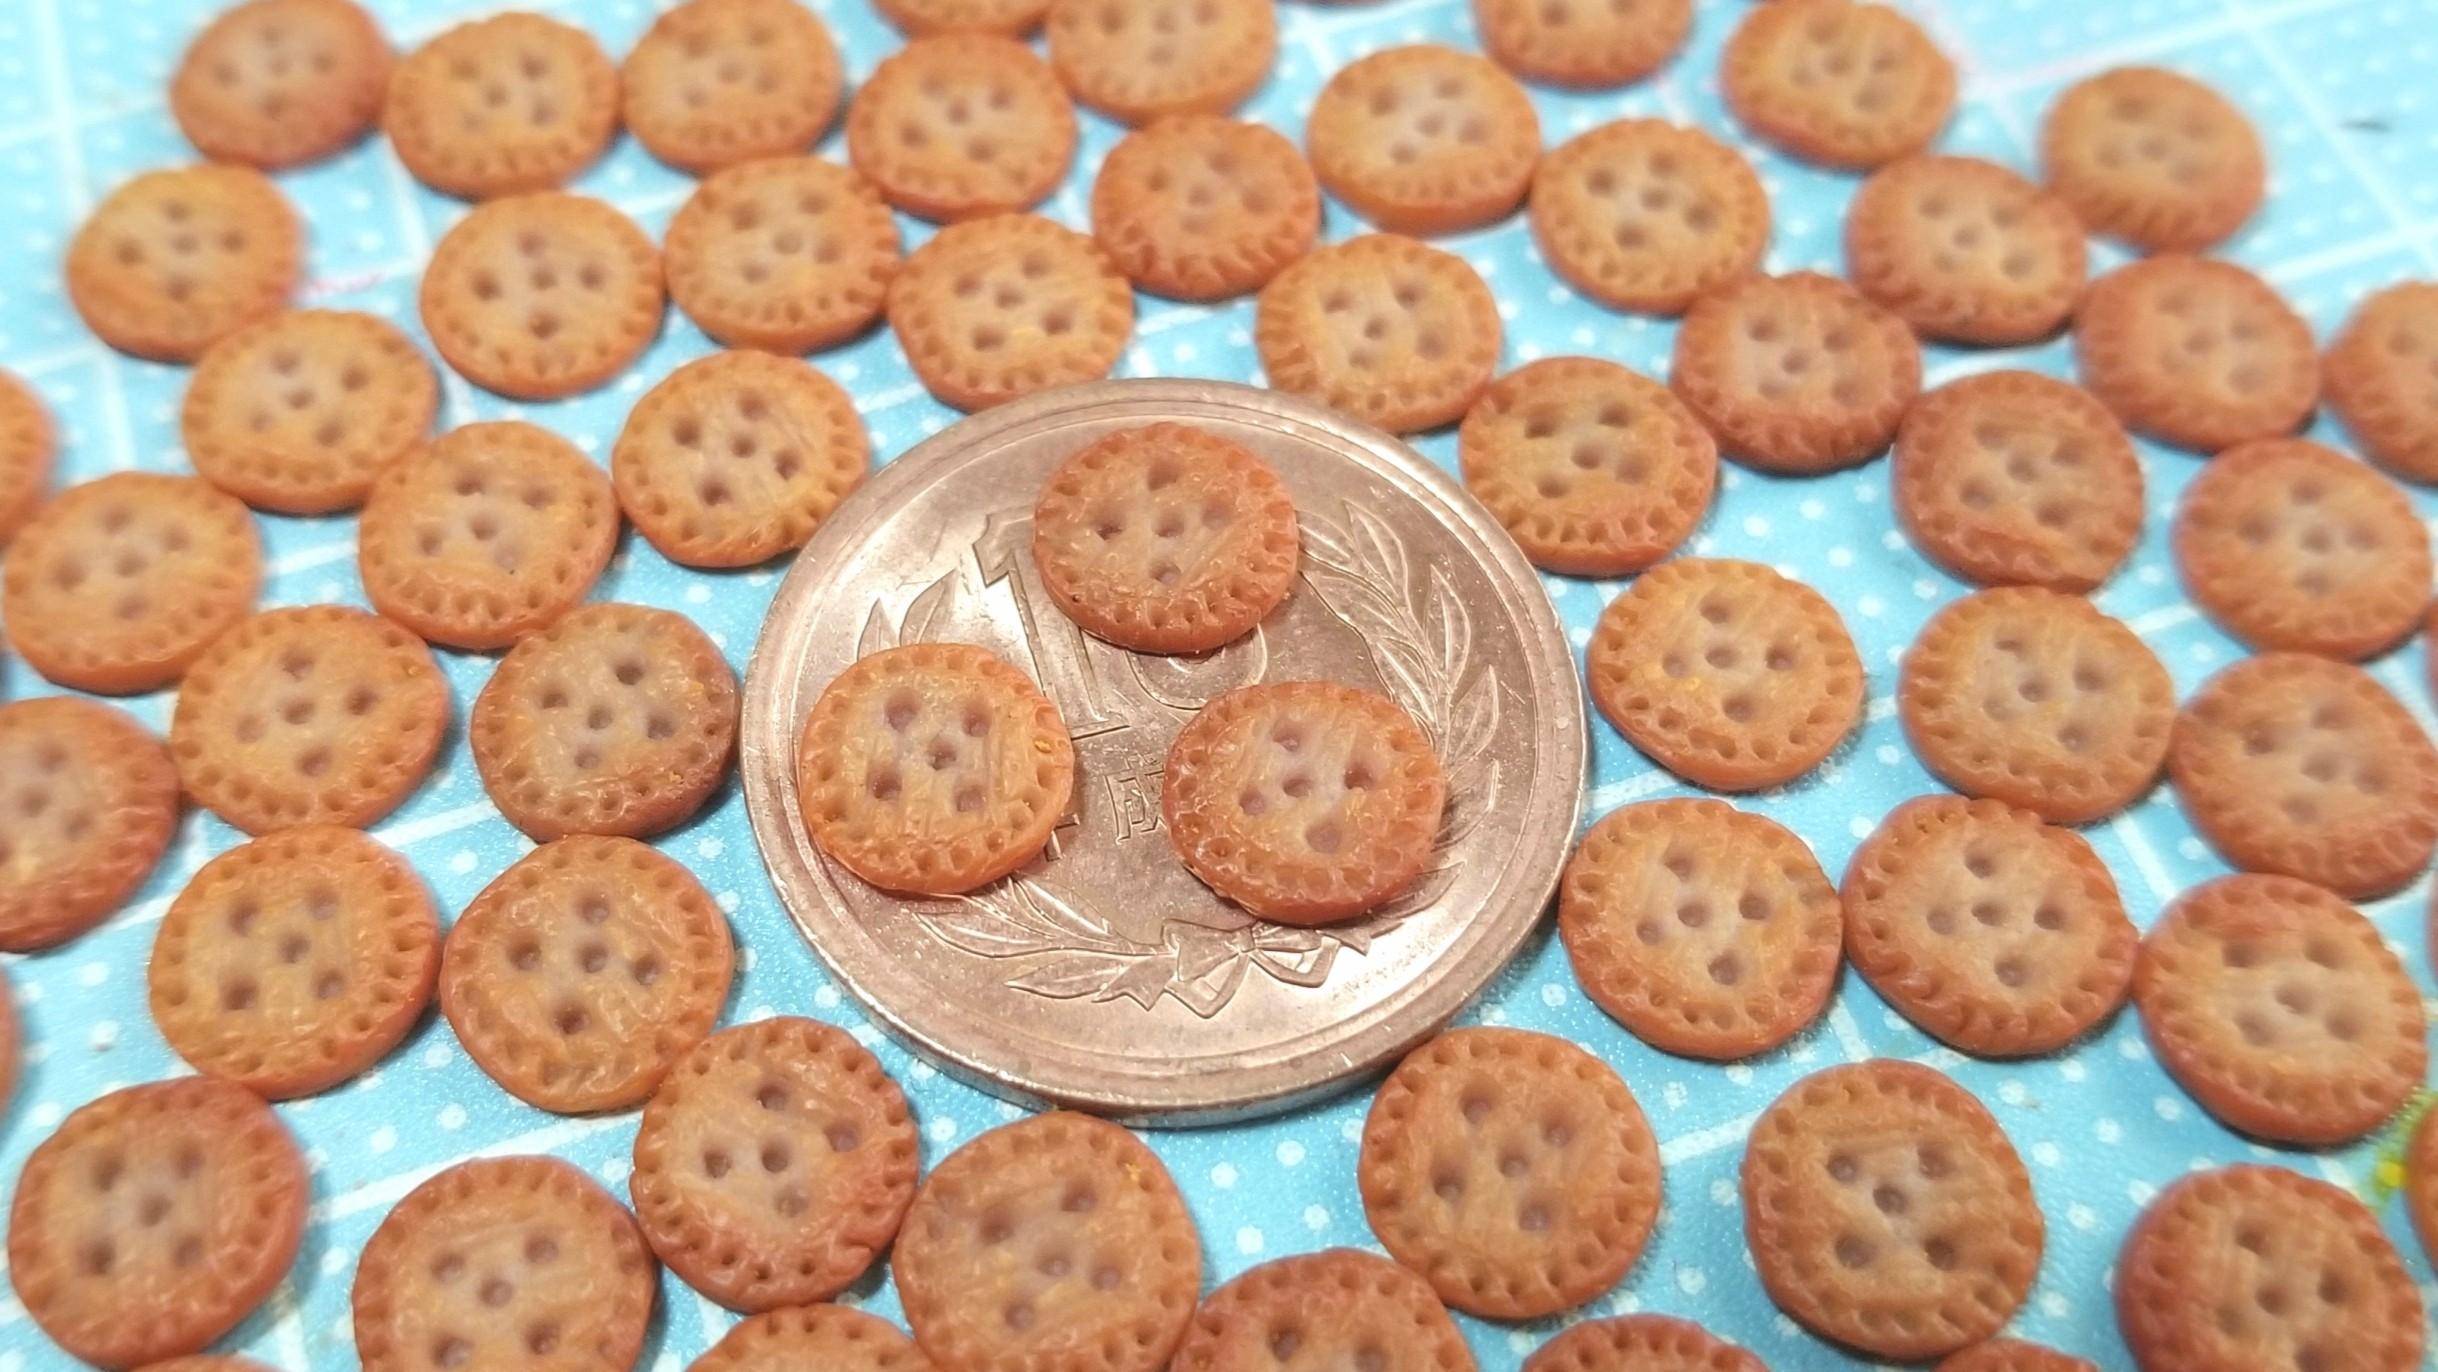 ミニチュアフード,クッキー,着色,作り方,樹脂粘土,食品サンプル,食玩